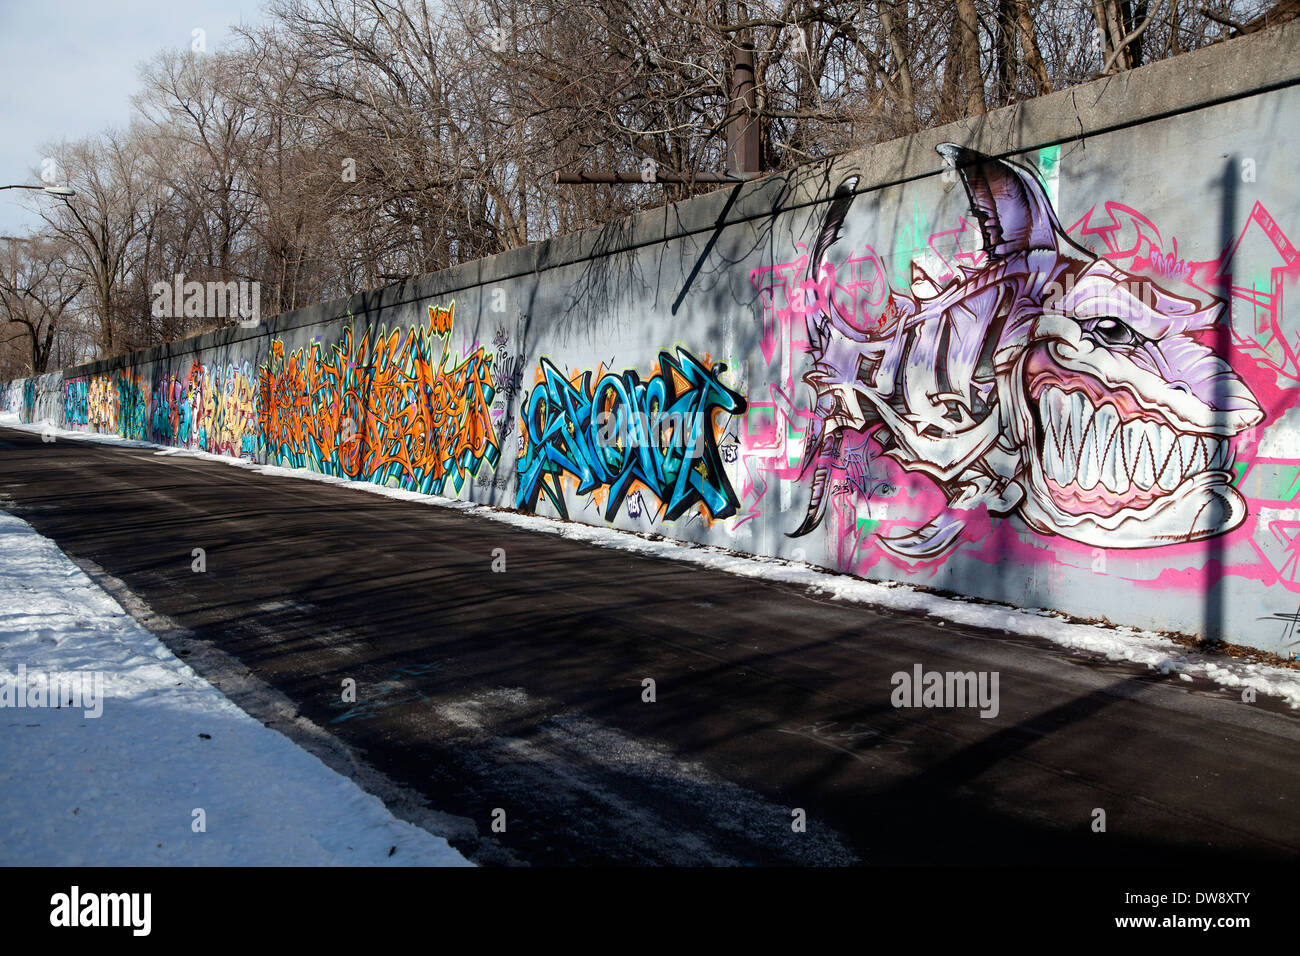 Graffiti wall usa - Graffiti On Wall Detroit Michigan Usa